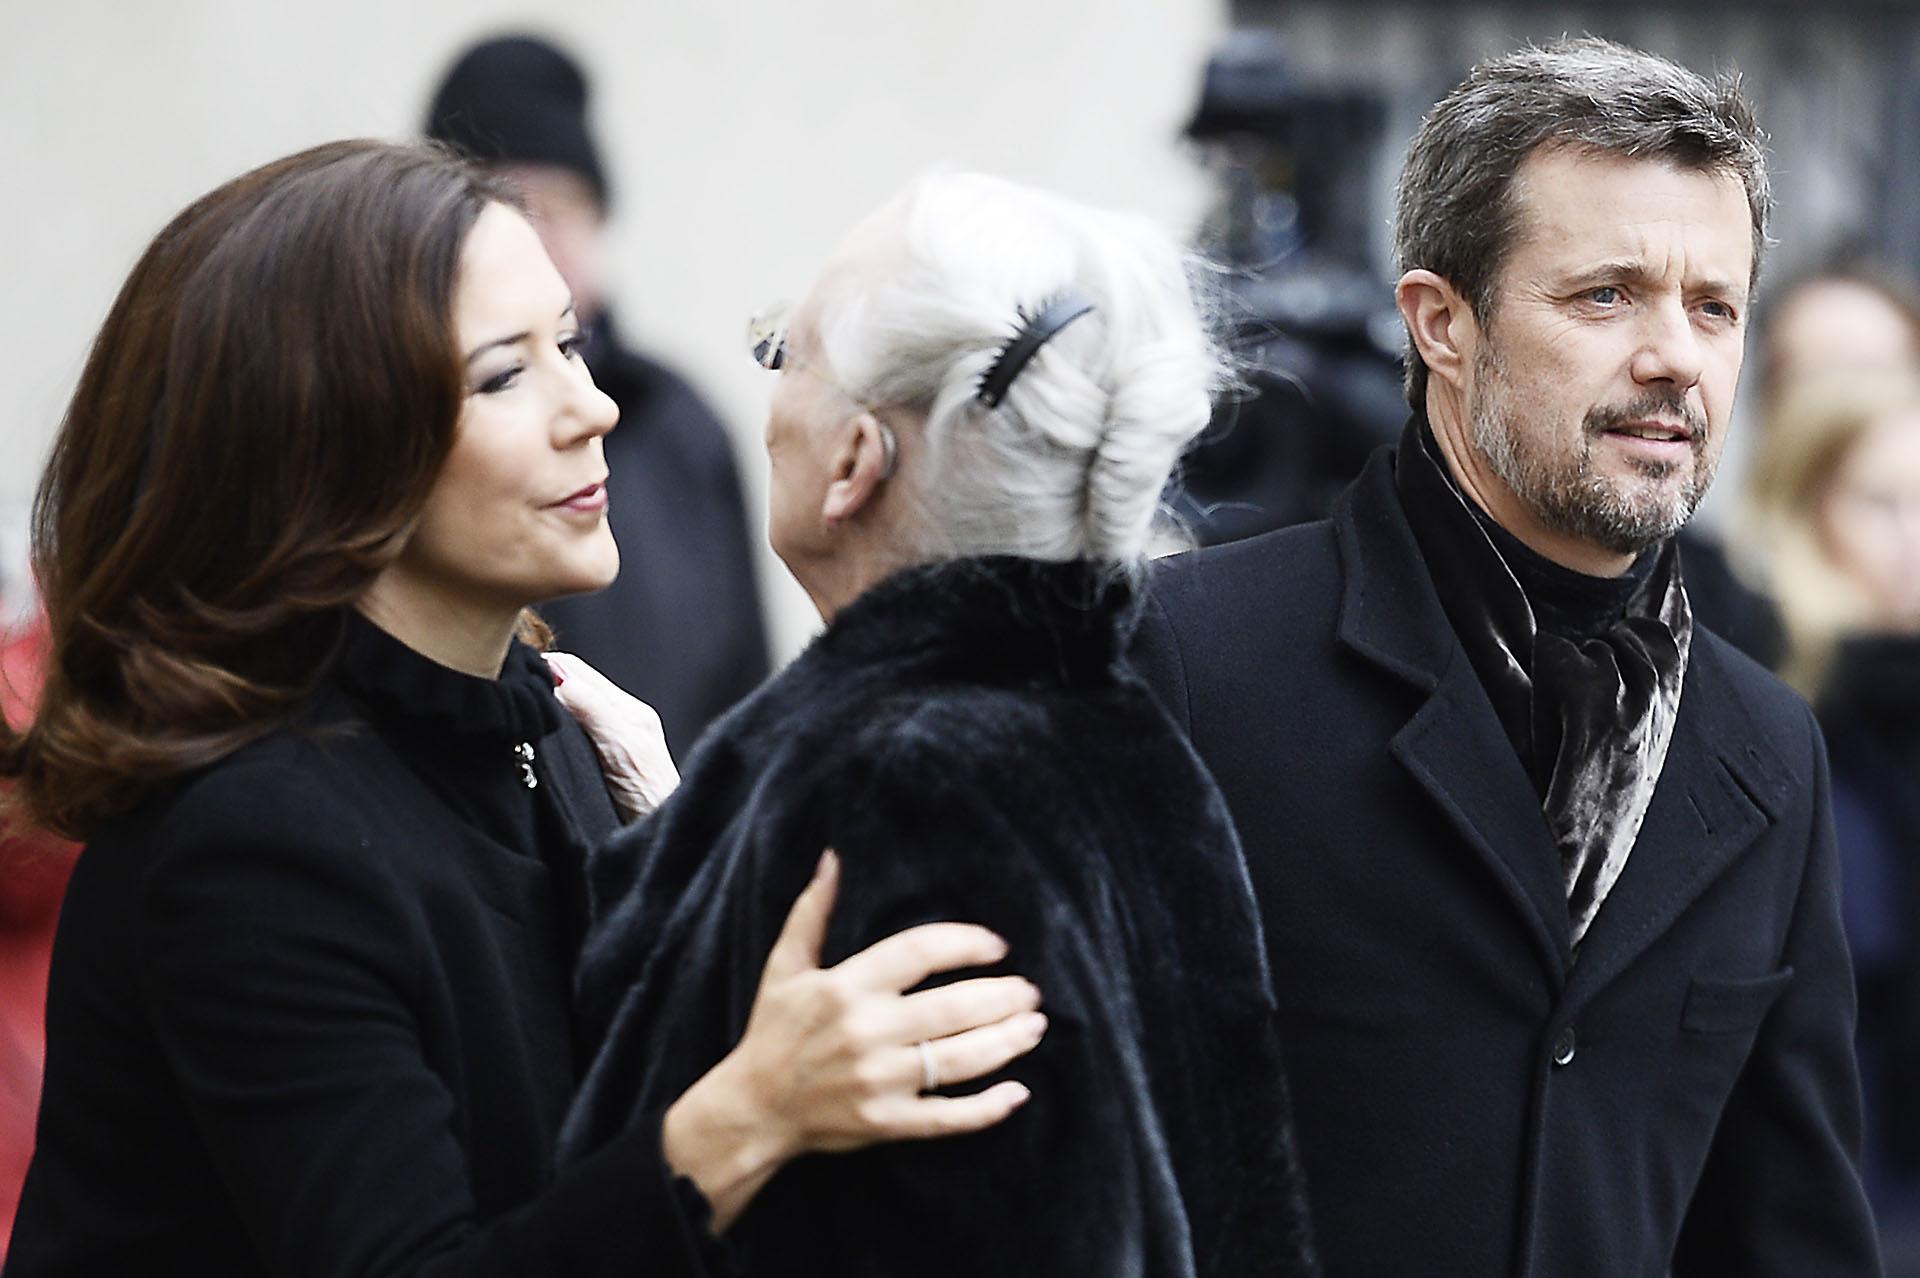 El dolor de la reina Margarita II de Dinamarca al saludar a su hijo y su mujer durante la ceremonia /// Fotos: AFP